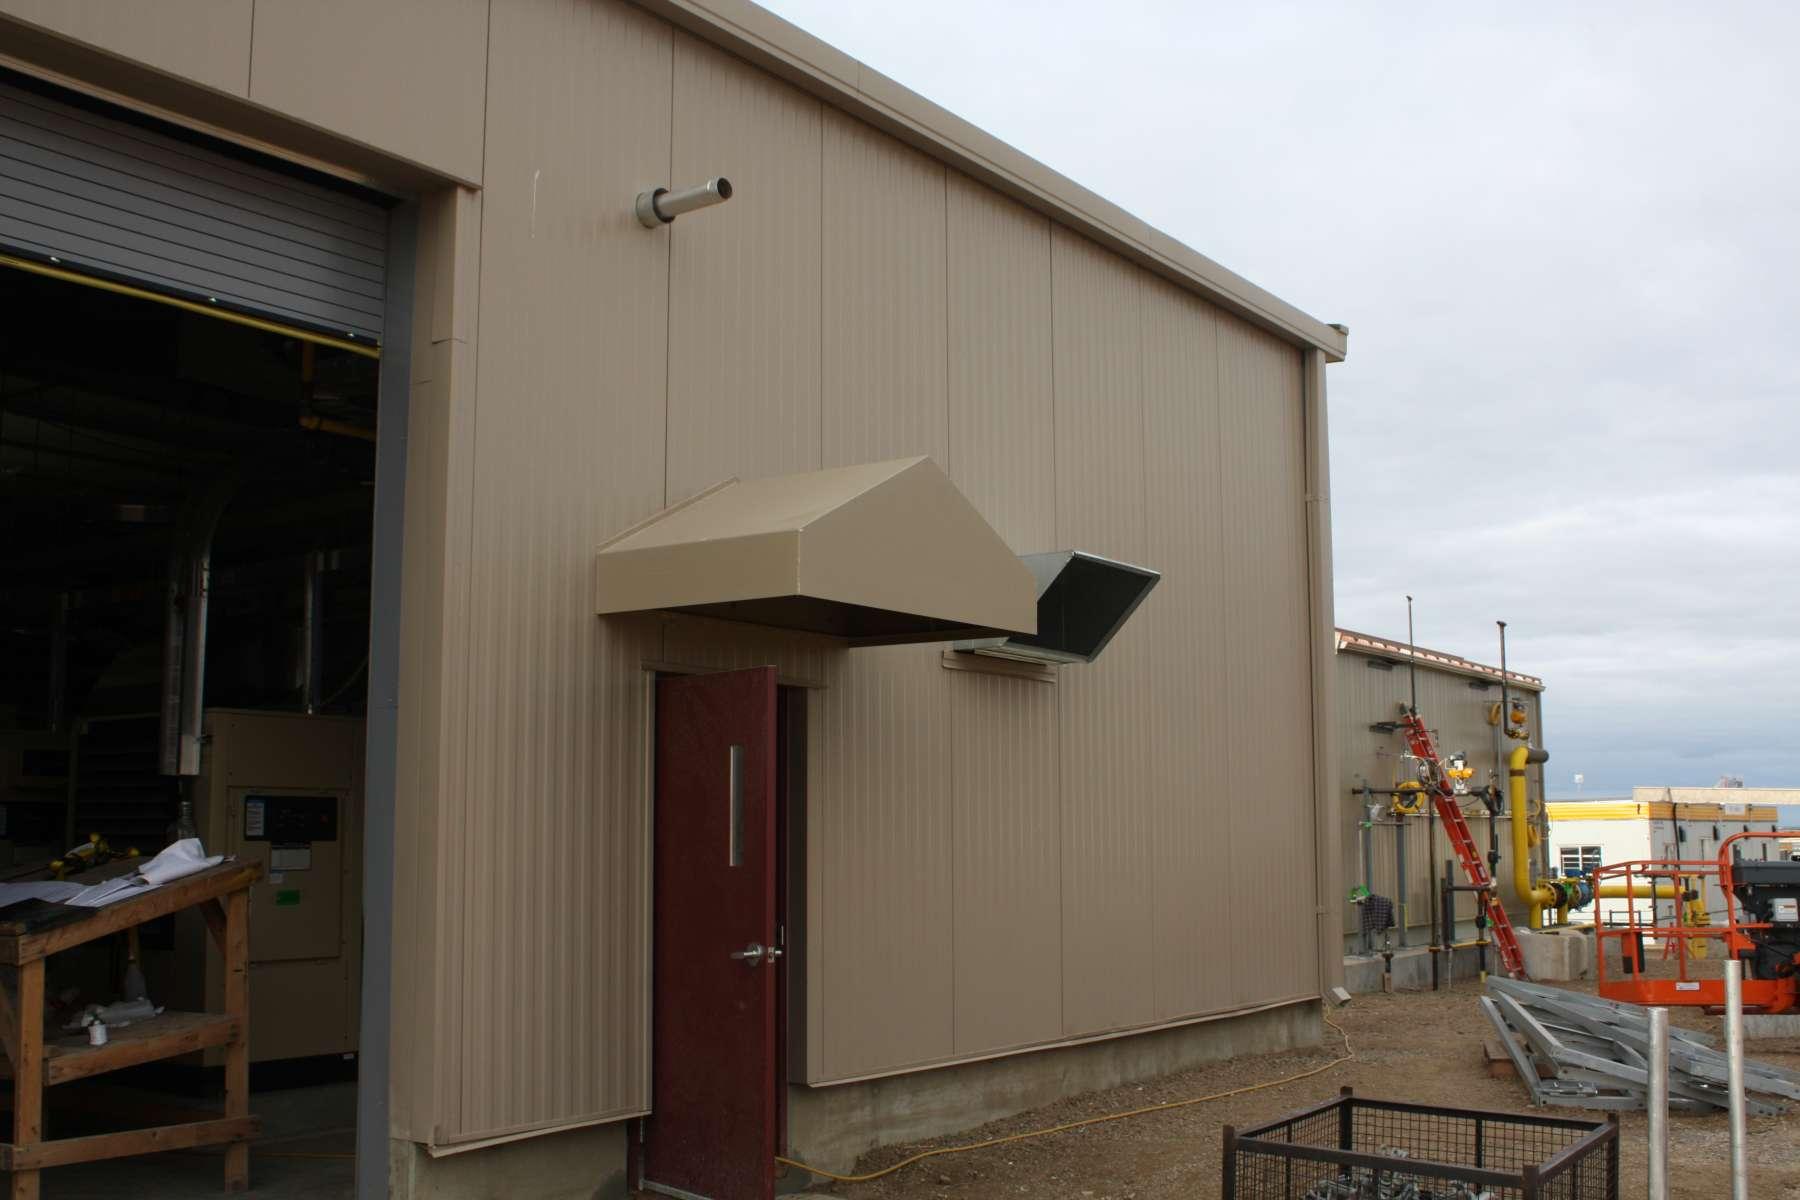 Saskatchewan prefab steel buildings bc steel buildings bc prefabricated metal buildings canada